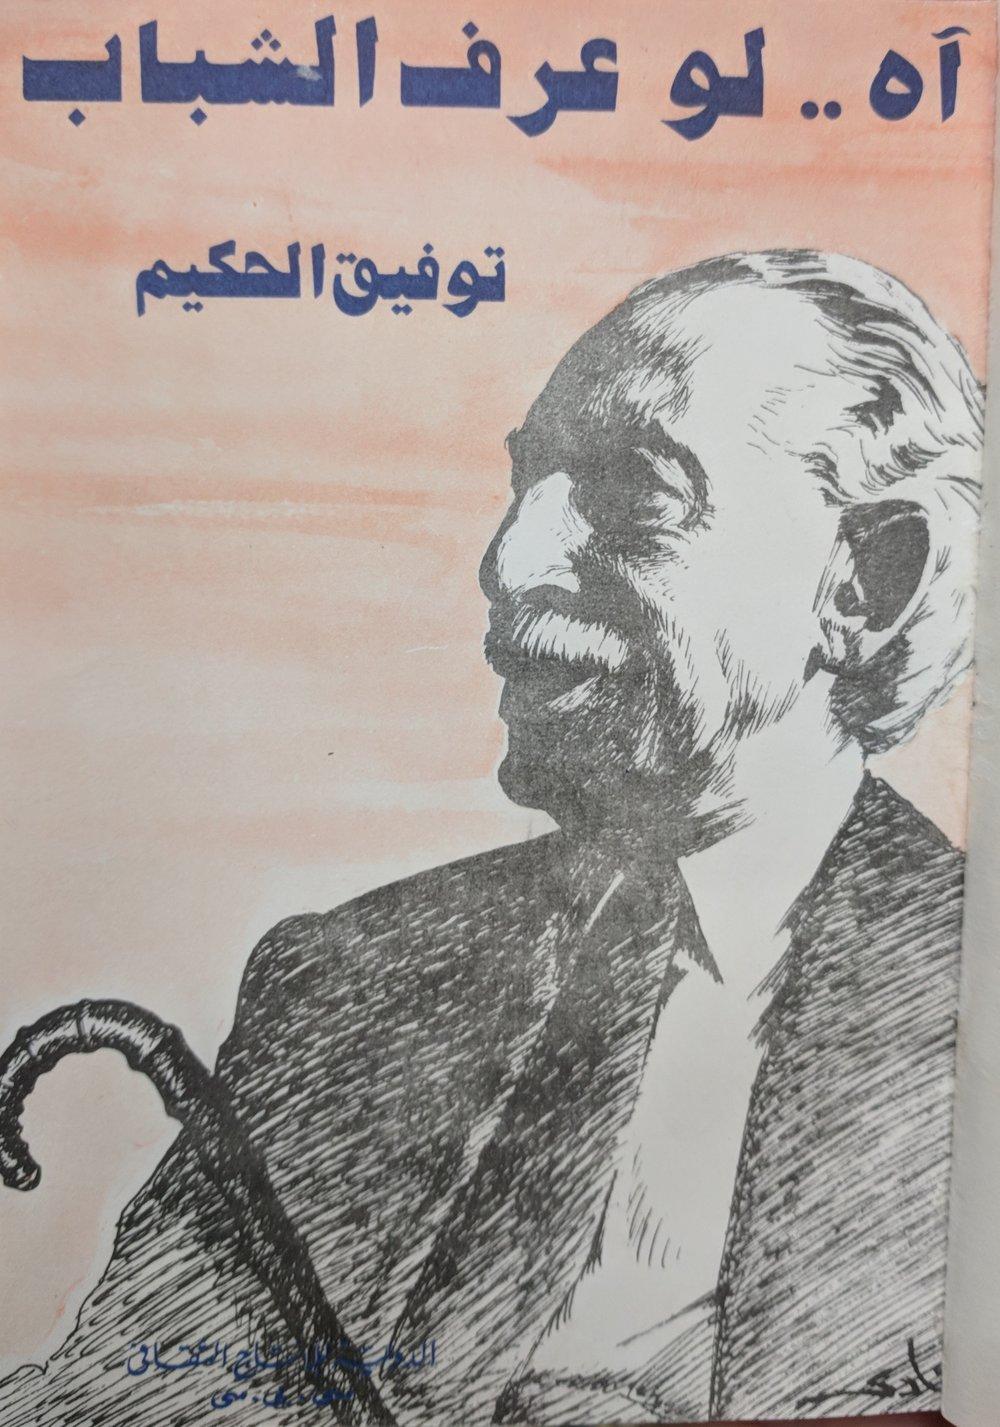 Tawfīq al-Ḥakīm, Ah.. law ʿarifa al-shabāb ([al-Qāhirah] : al-Dawliyyah li-l-intāj al-thaqāfī, 1981)